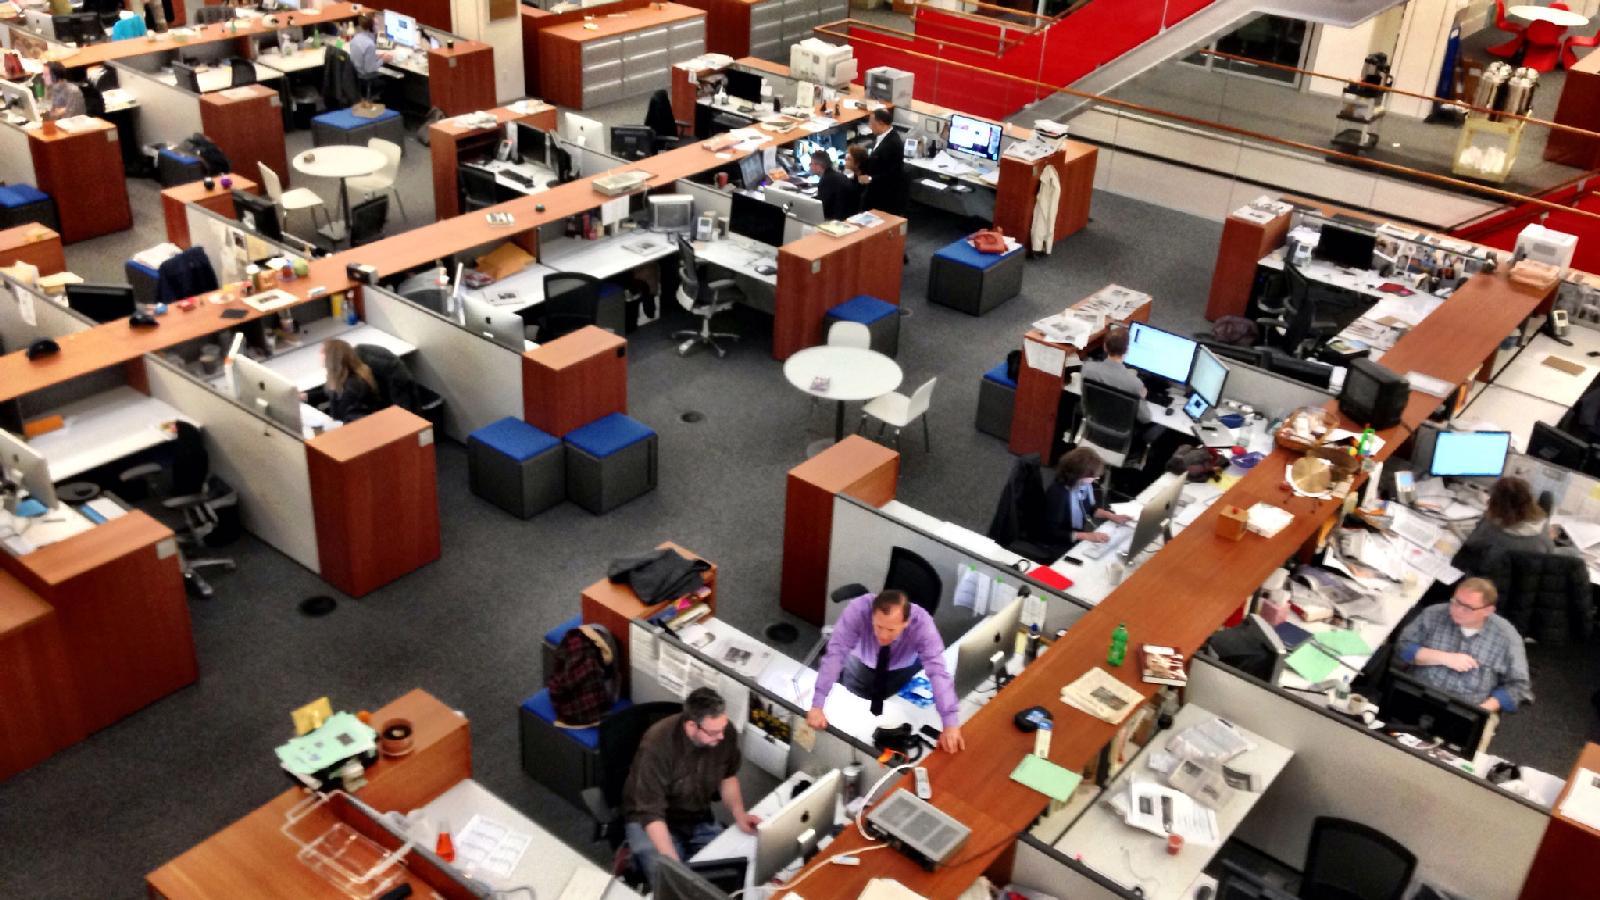 Редакция регулярно получает информацию отом, какменяется аудитория издания, чтопозволяет оперативно вносить коррективы вмедиапланирование